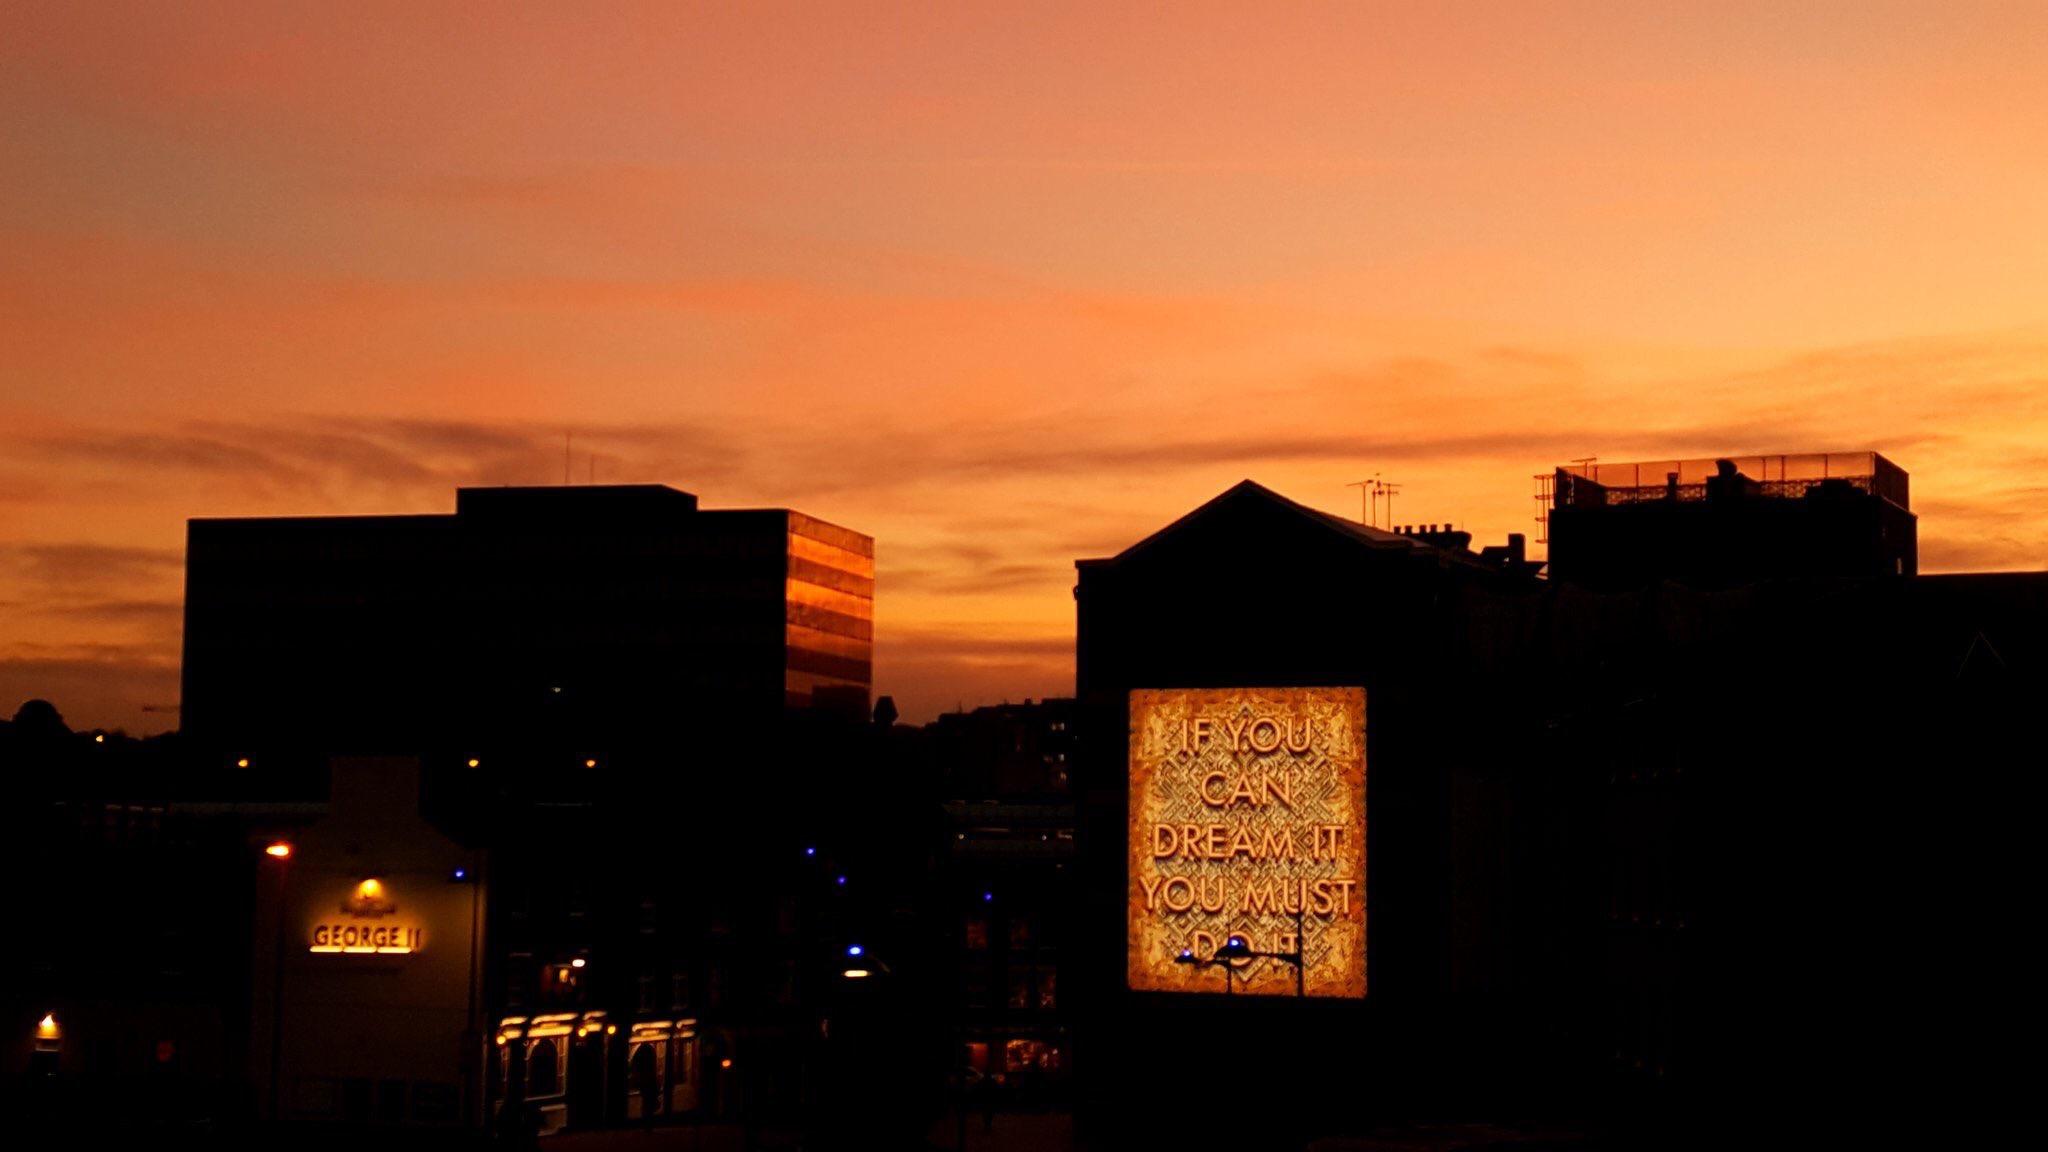 Mark Titchner's illuminated Beacon in the #HatDistrict Luton